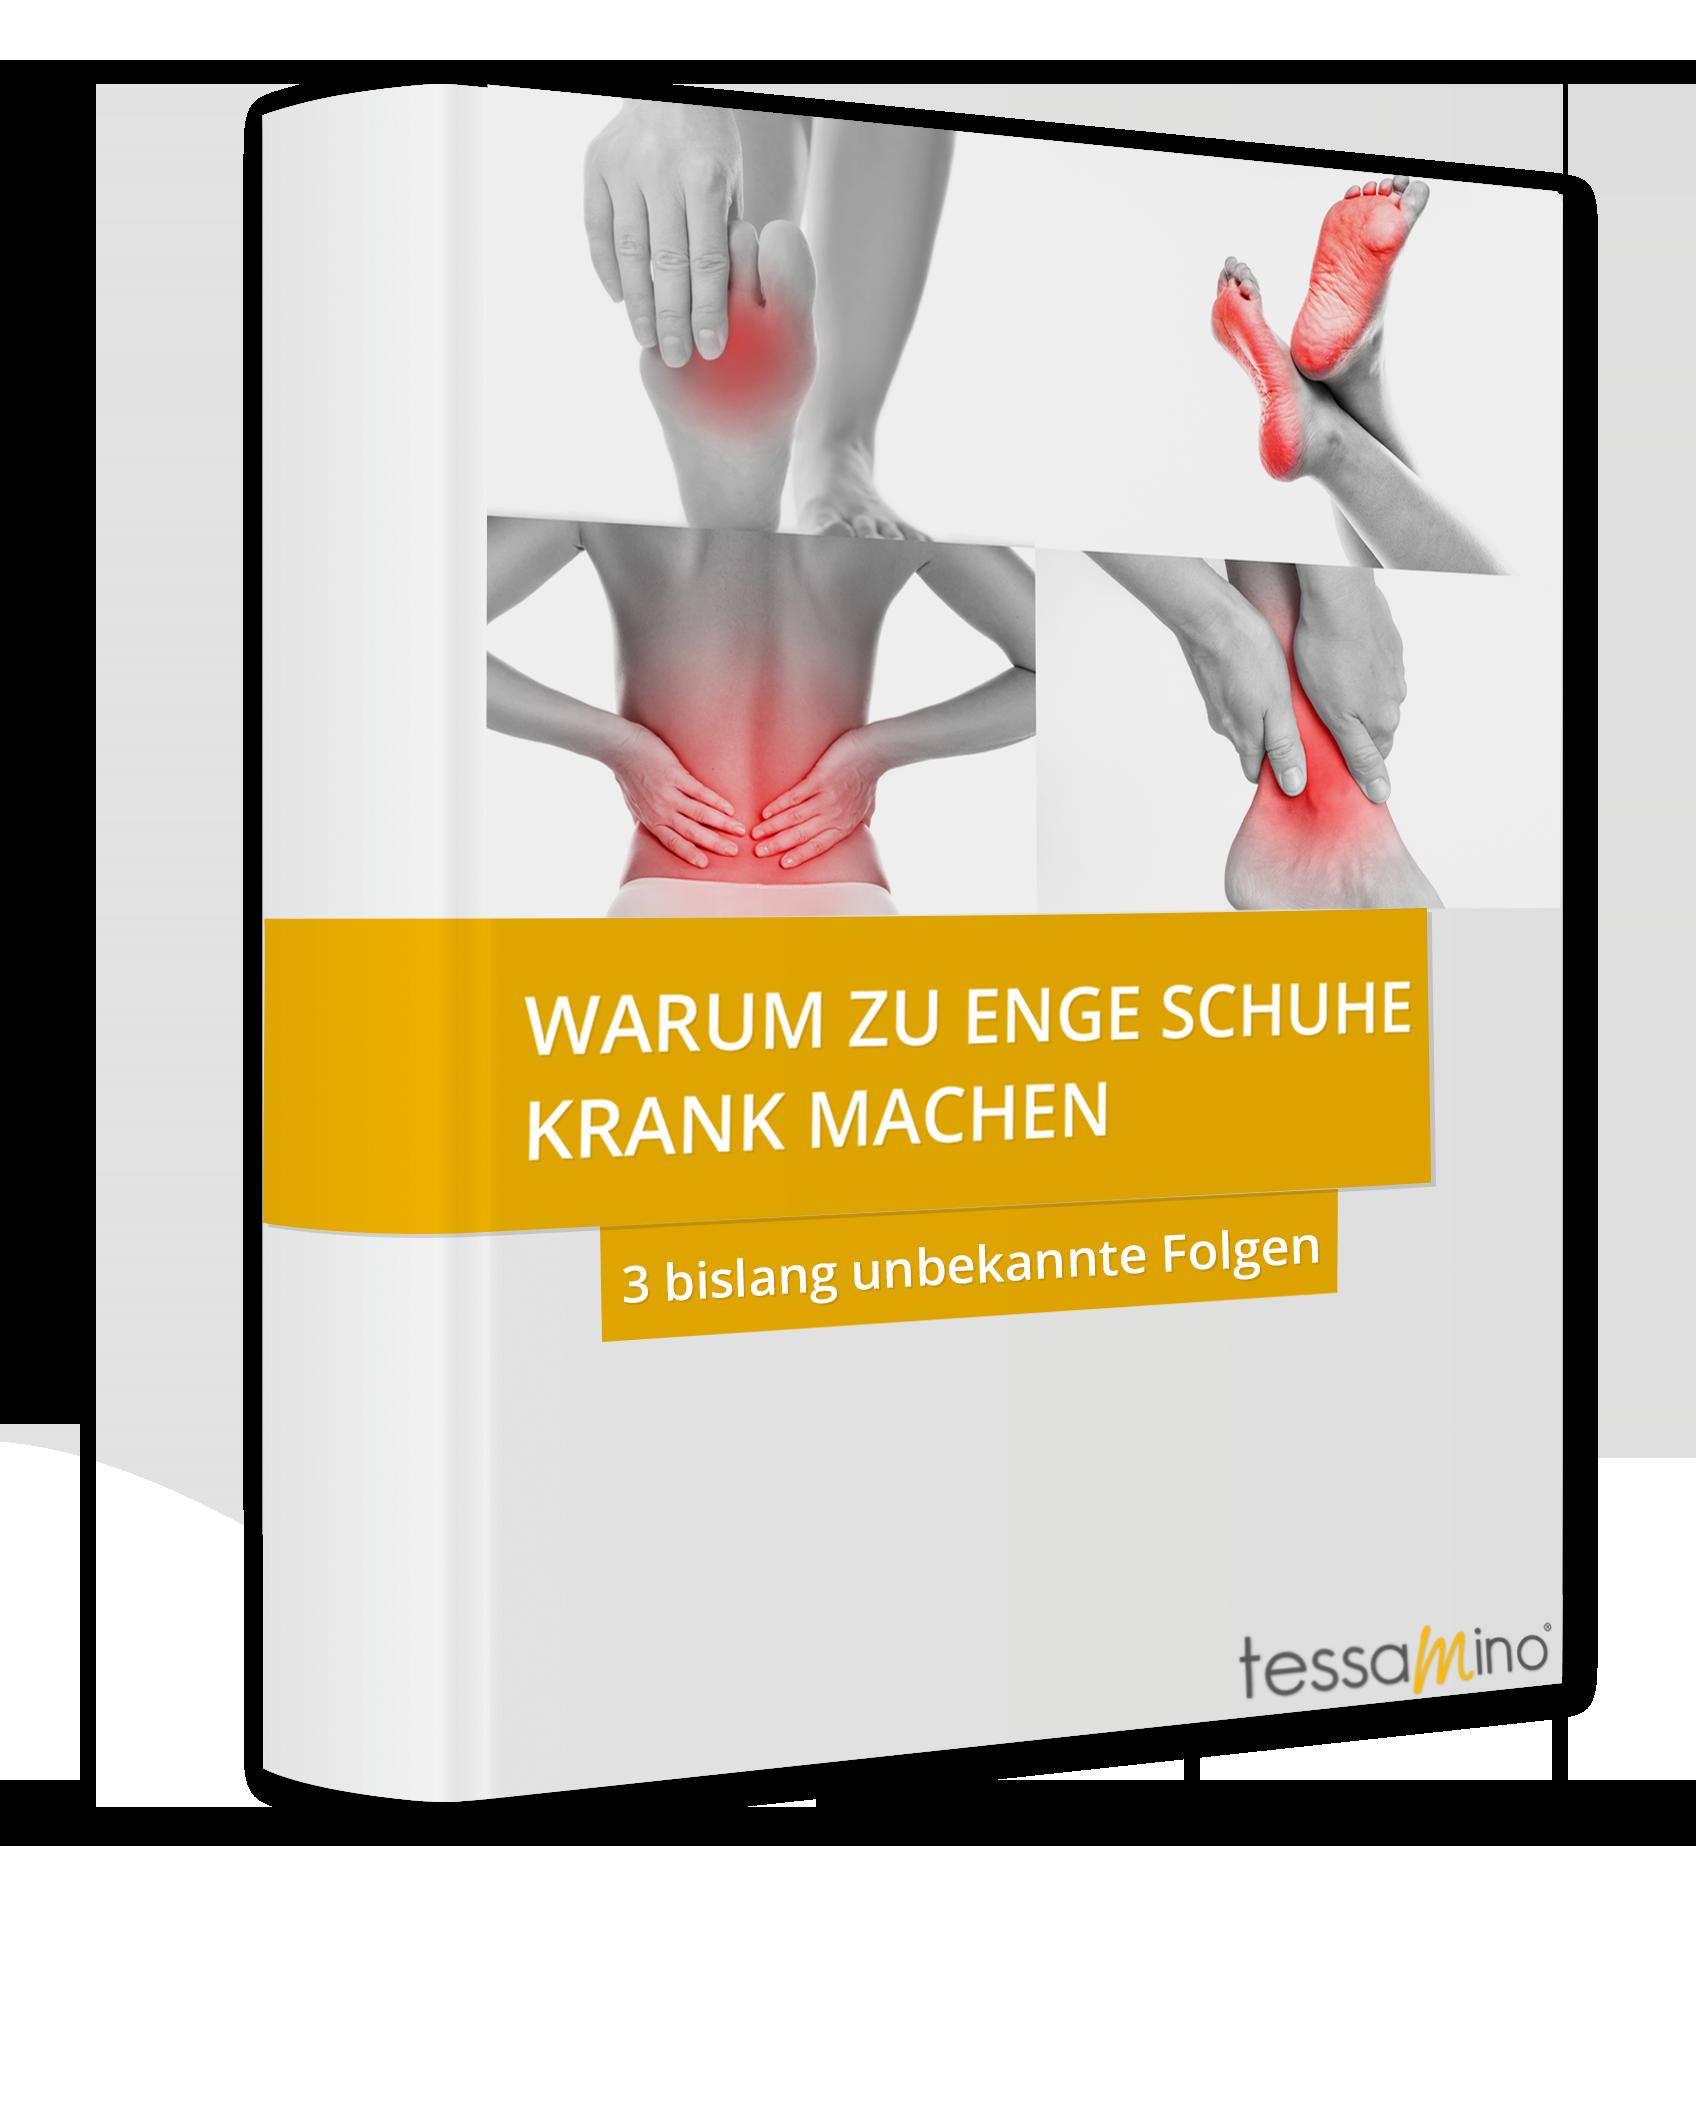 Zu Enge Schuhe e-book